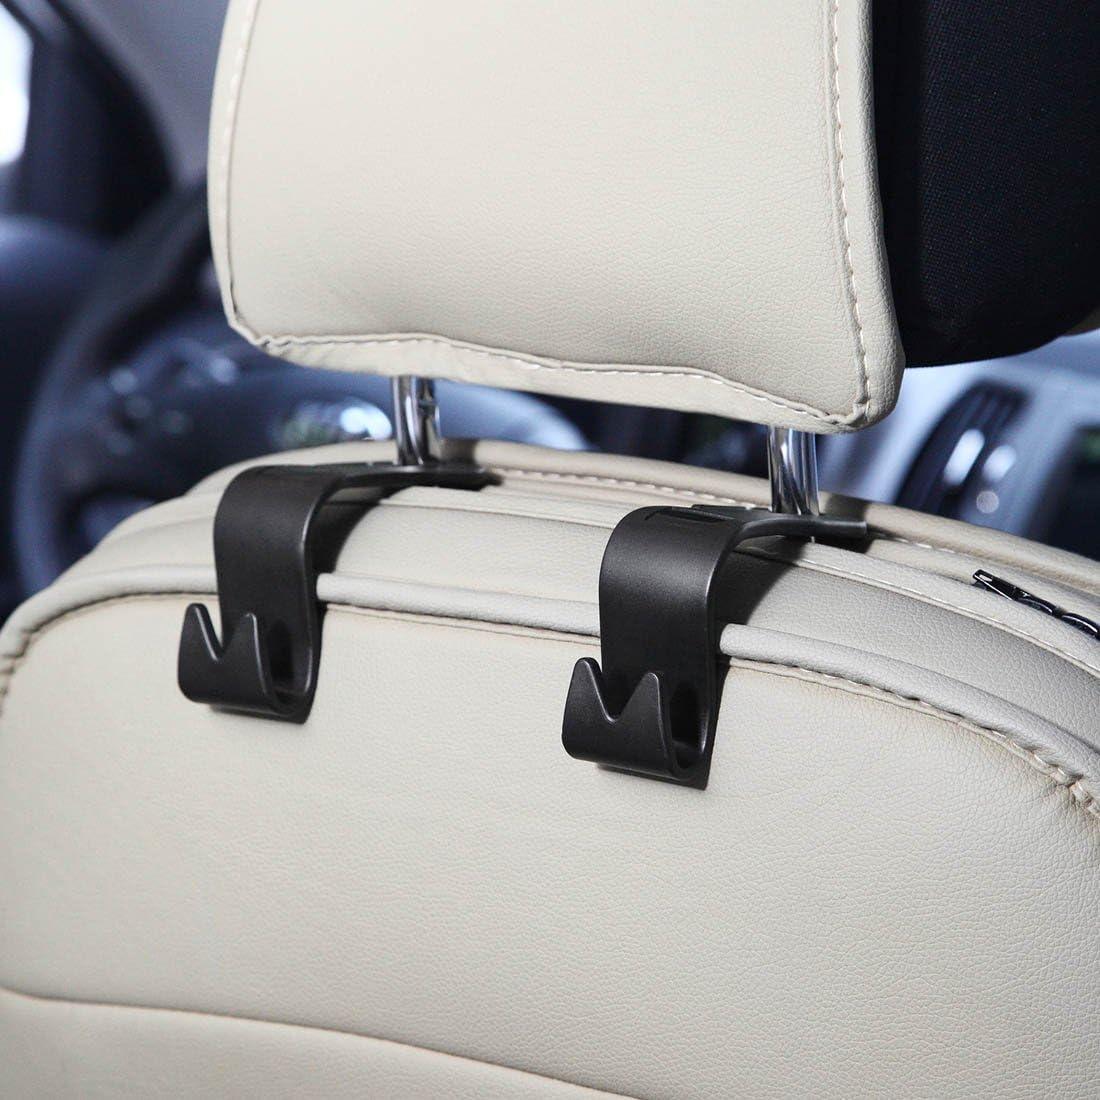 Winsenpro 4PCS Car Back Seat Headrest Hanger Holder Hook for Bag Purse Cloth Black, 4-Pack